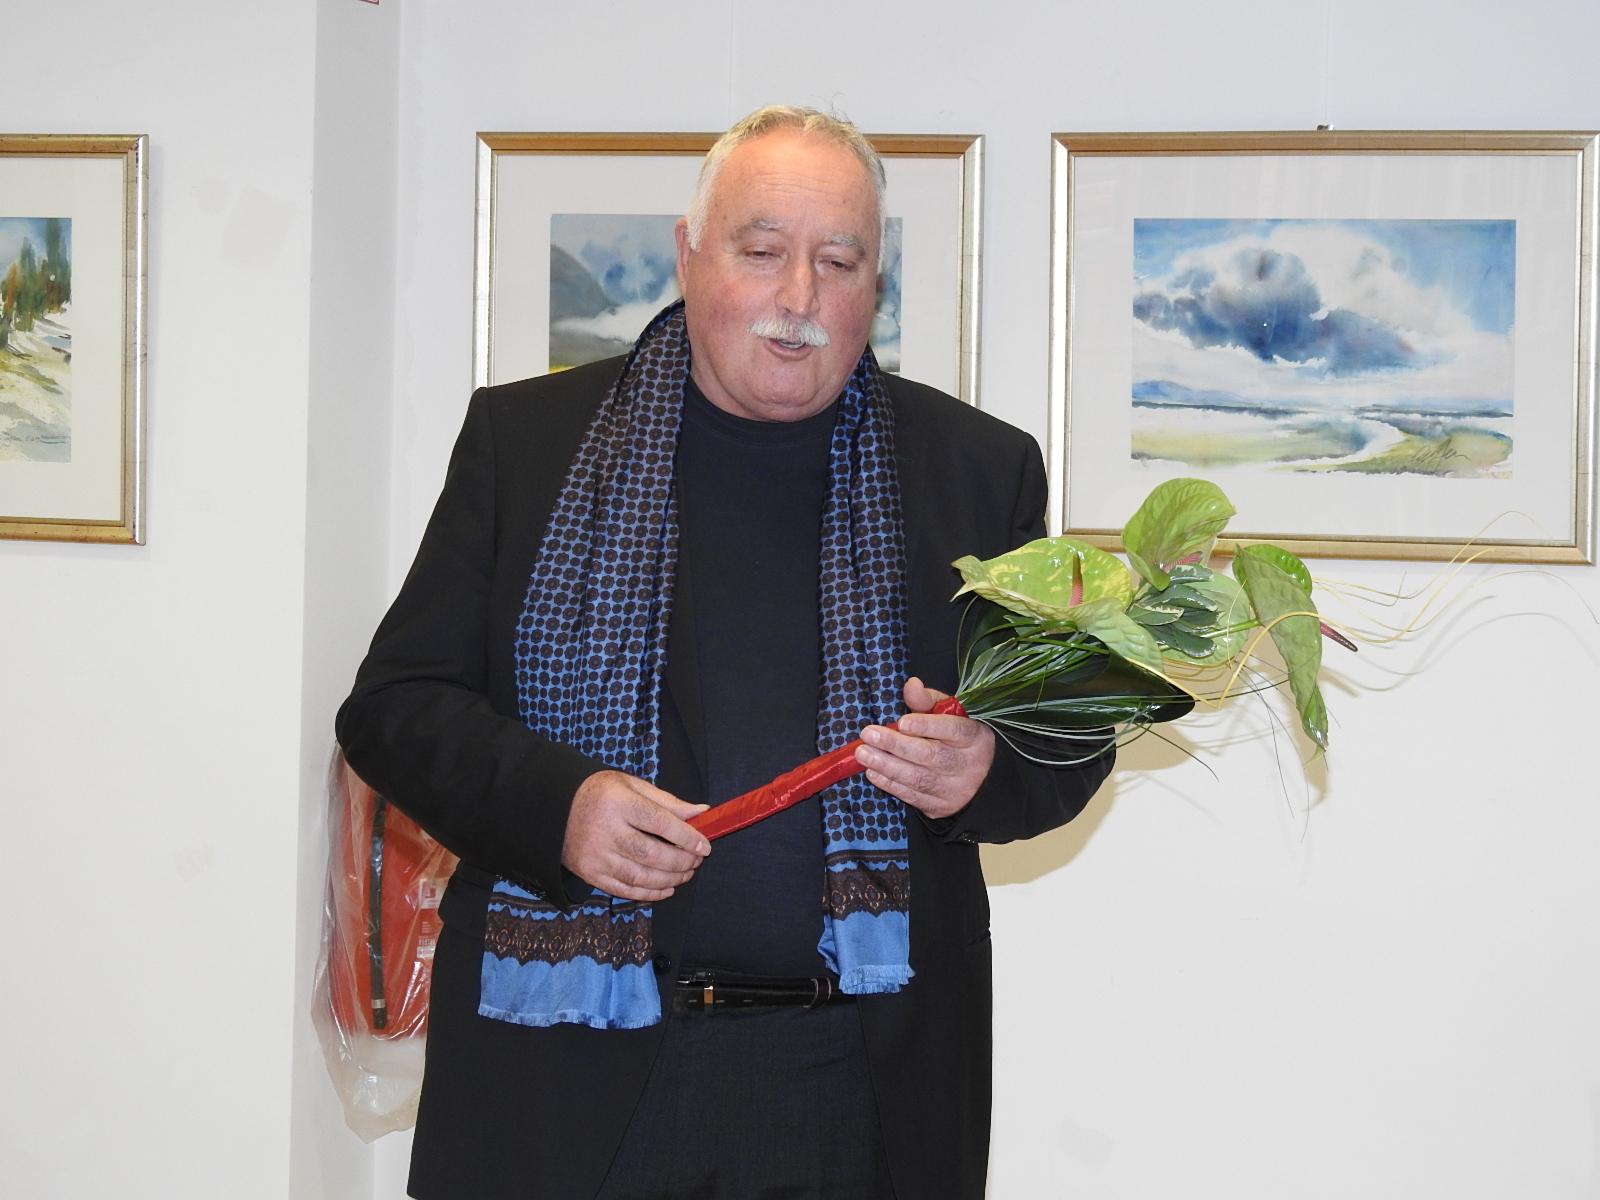 DSCN0623 - Odprtje likovne razstave Janeza Ovsca